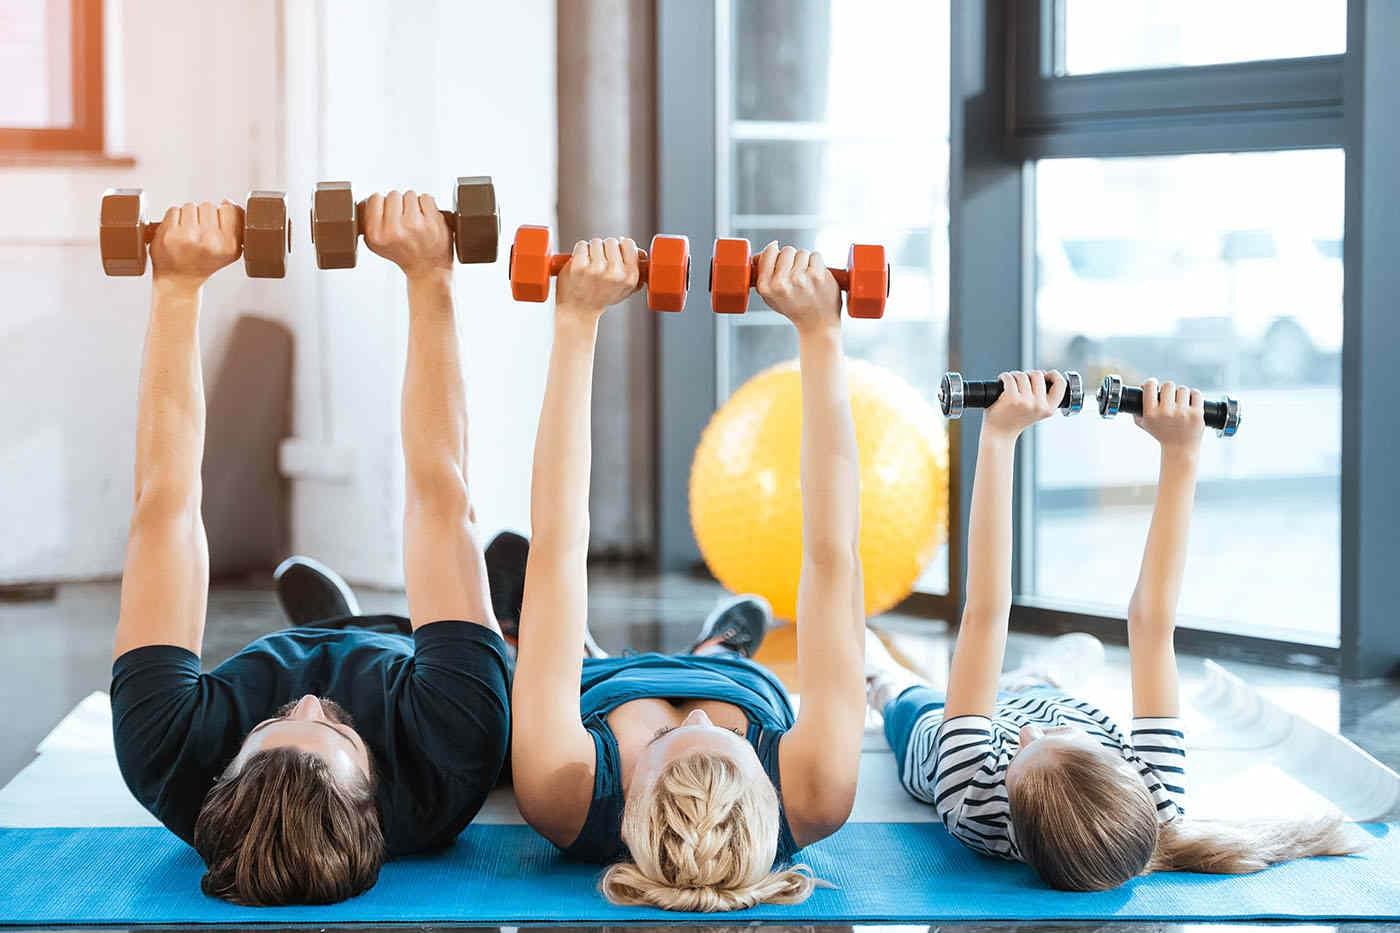 Exercițiile fizice stimulează învățarea abilităților motorii [studiu]